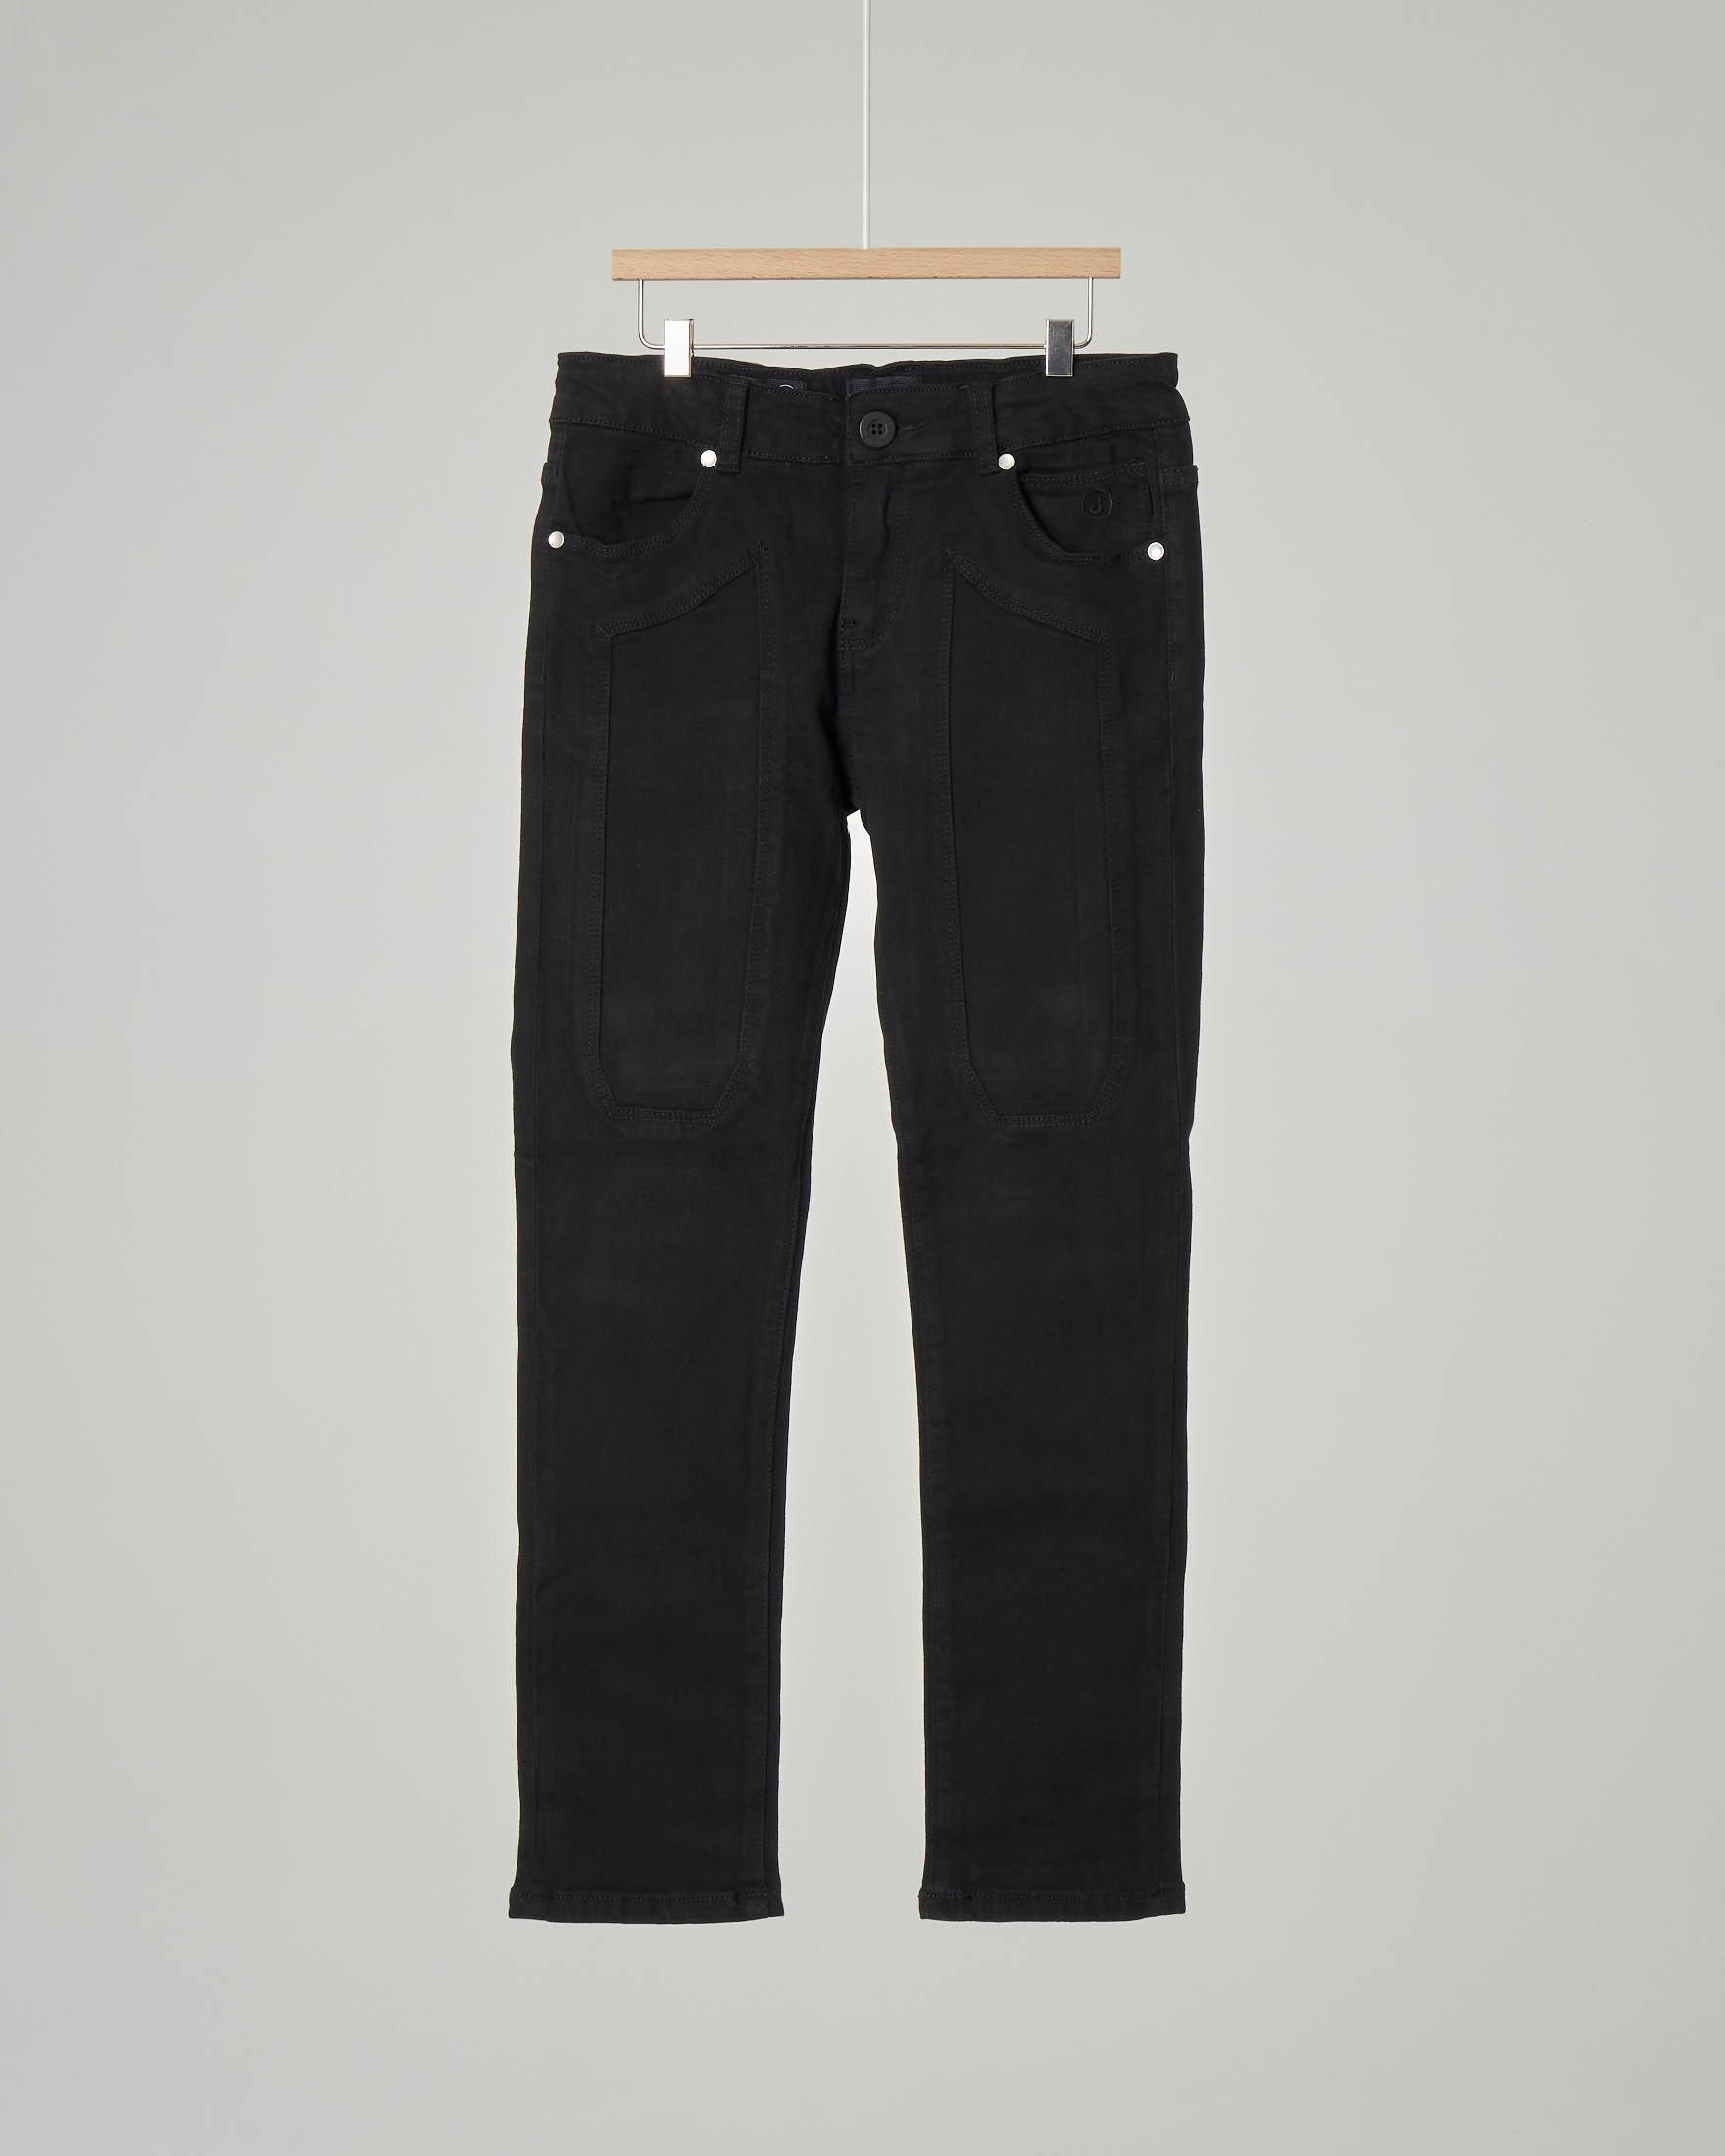 Pantalone nero cinque tasche in cotone stretch con toppa 8-18 anni